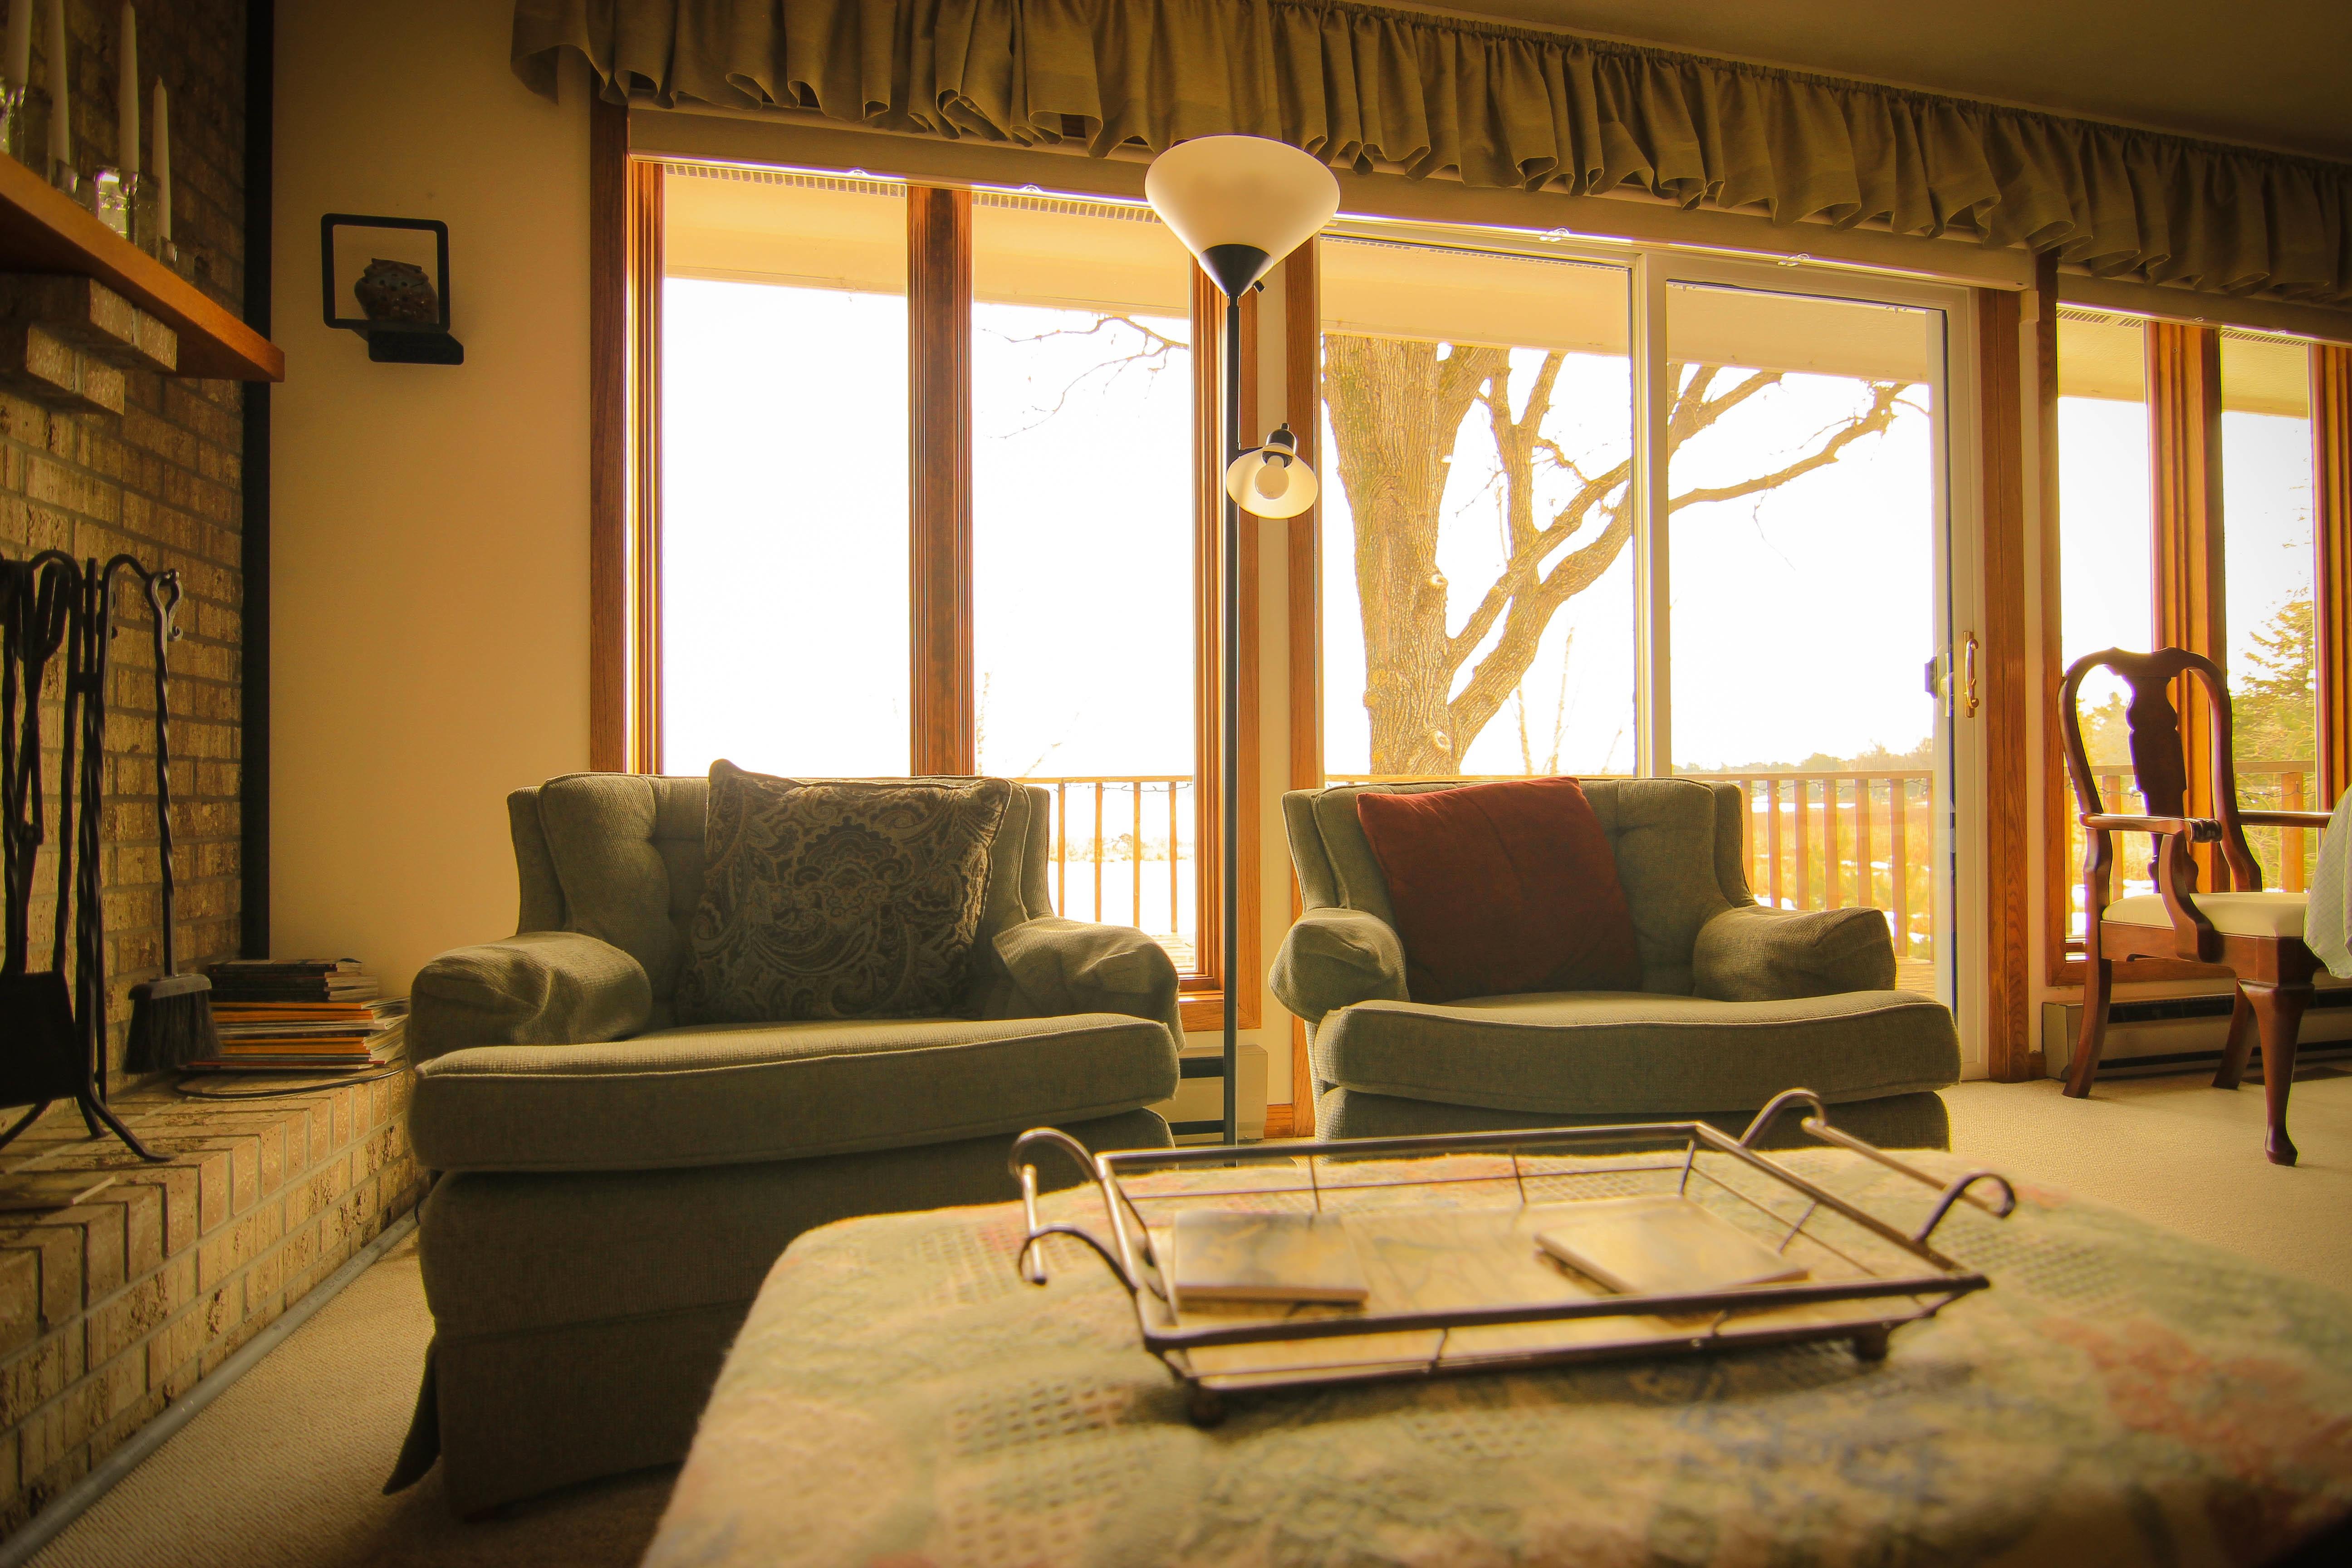 Fotos gratis : villa, cabaña, propiedad, sala, habitación ...